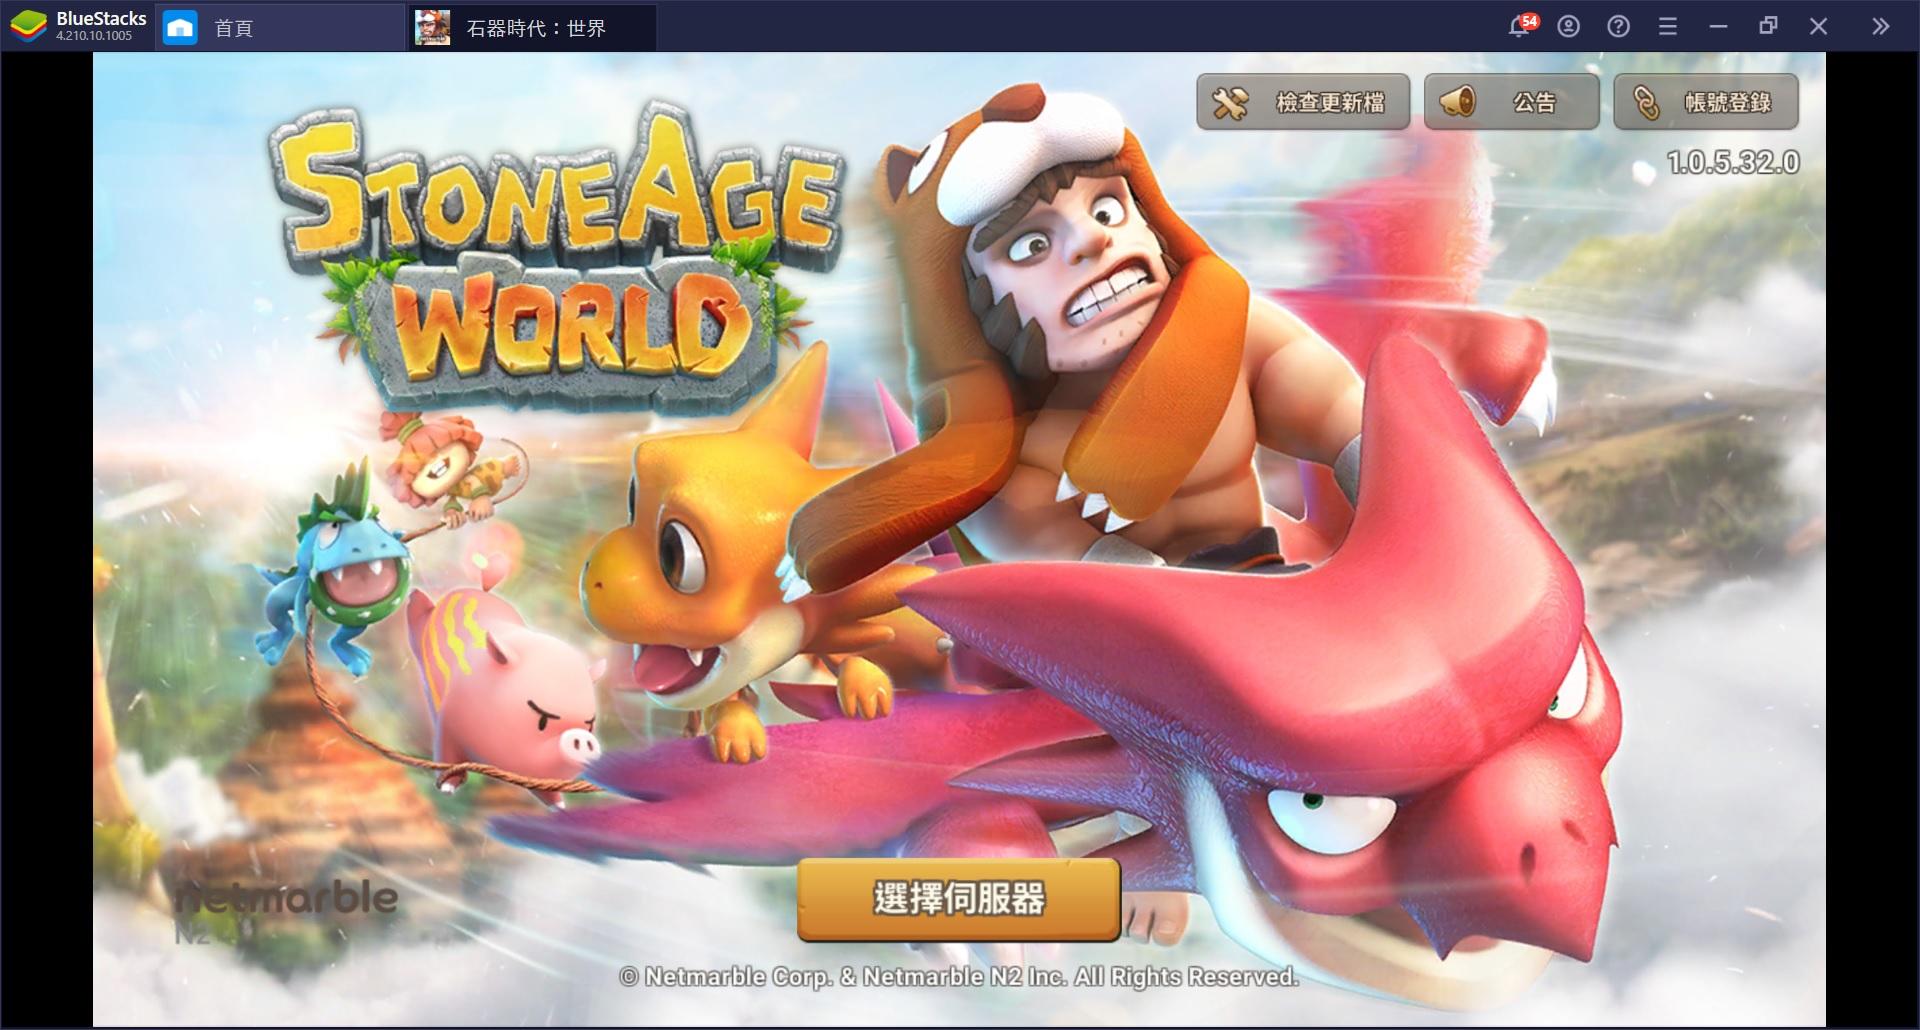 使用BlueStacks在PC上遊玩史前寵物收集 MMORPG《石器時代:世界》